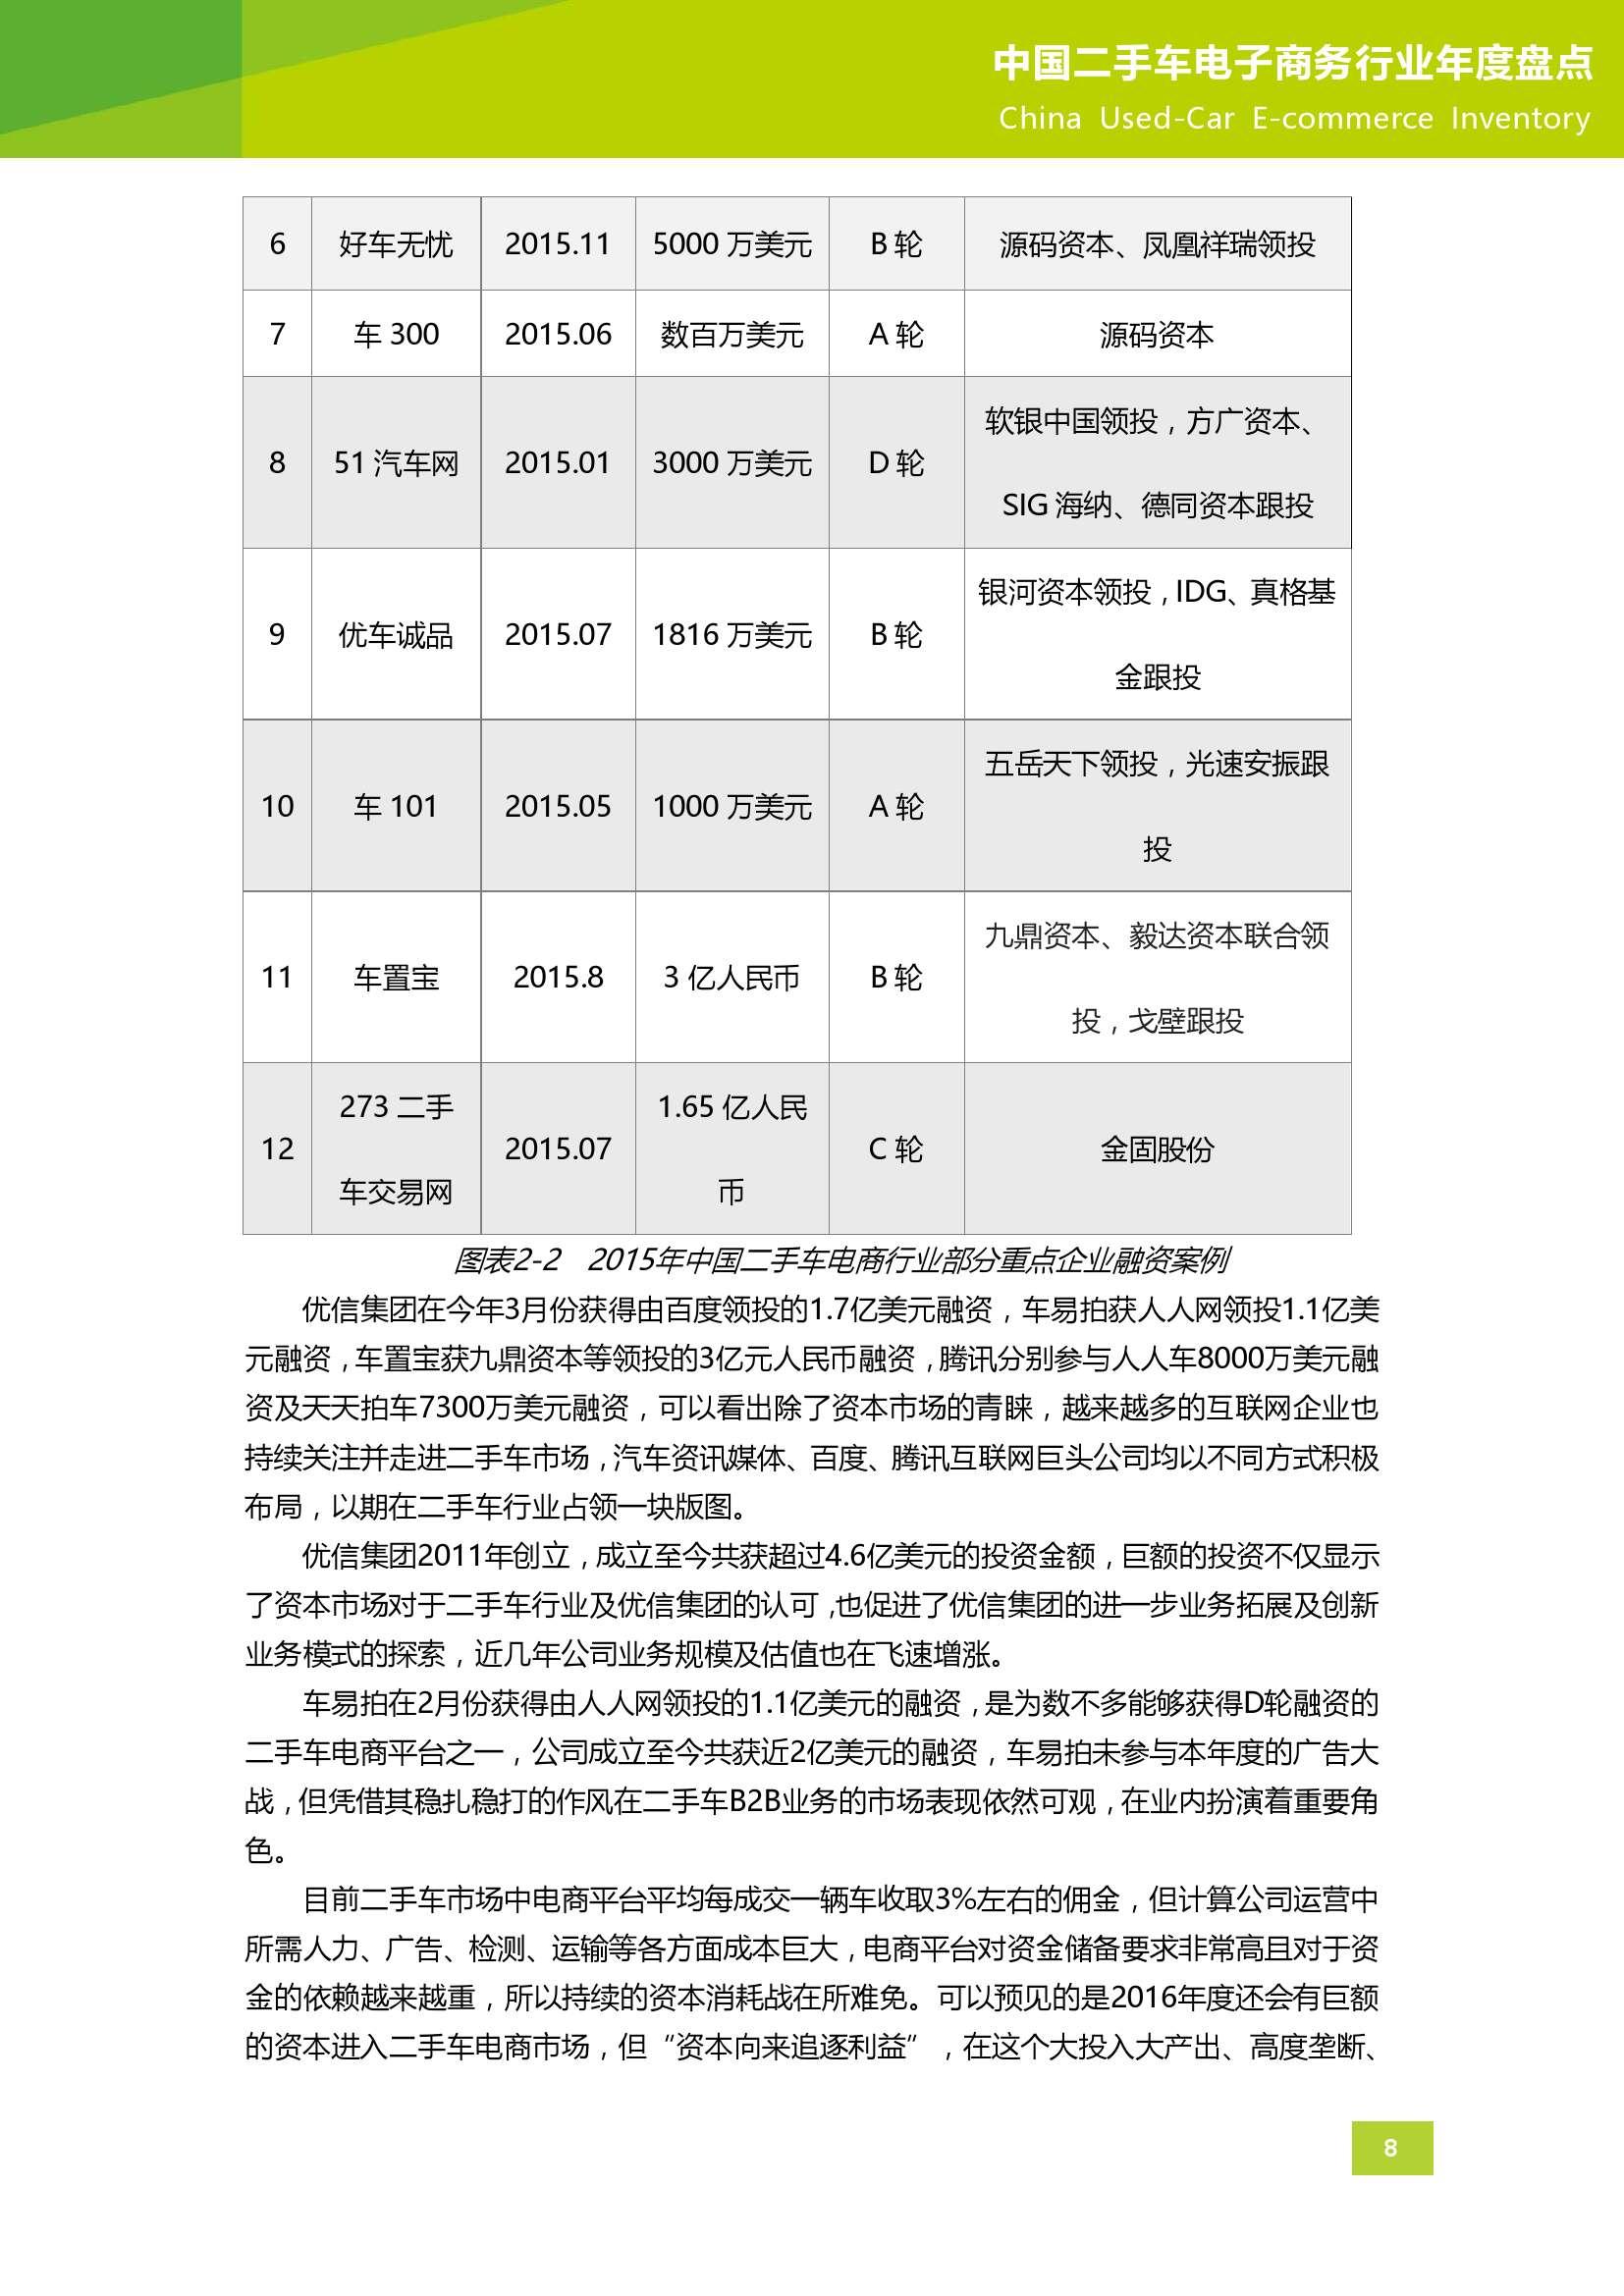 2015年中国二手车电子商务行业年度盘点_000009